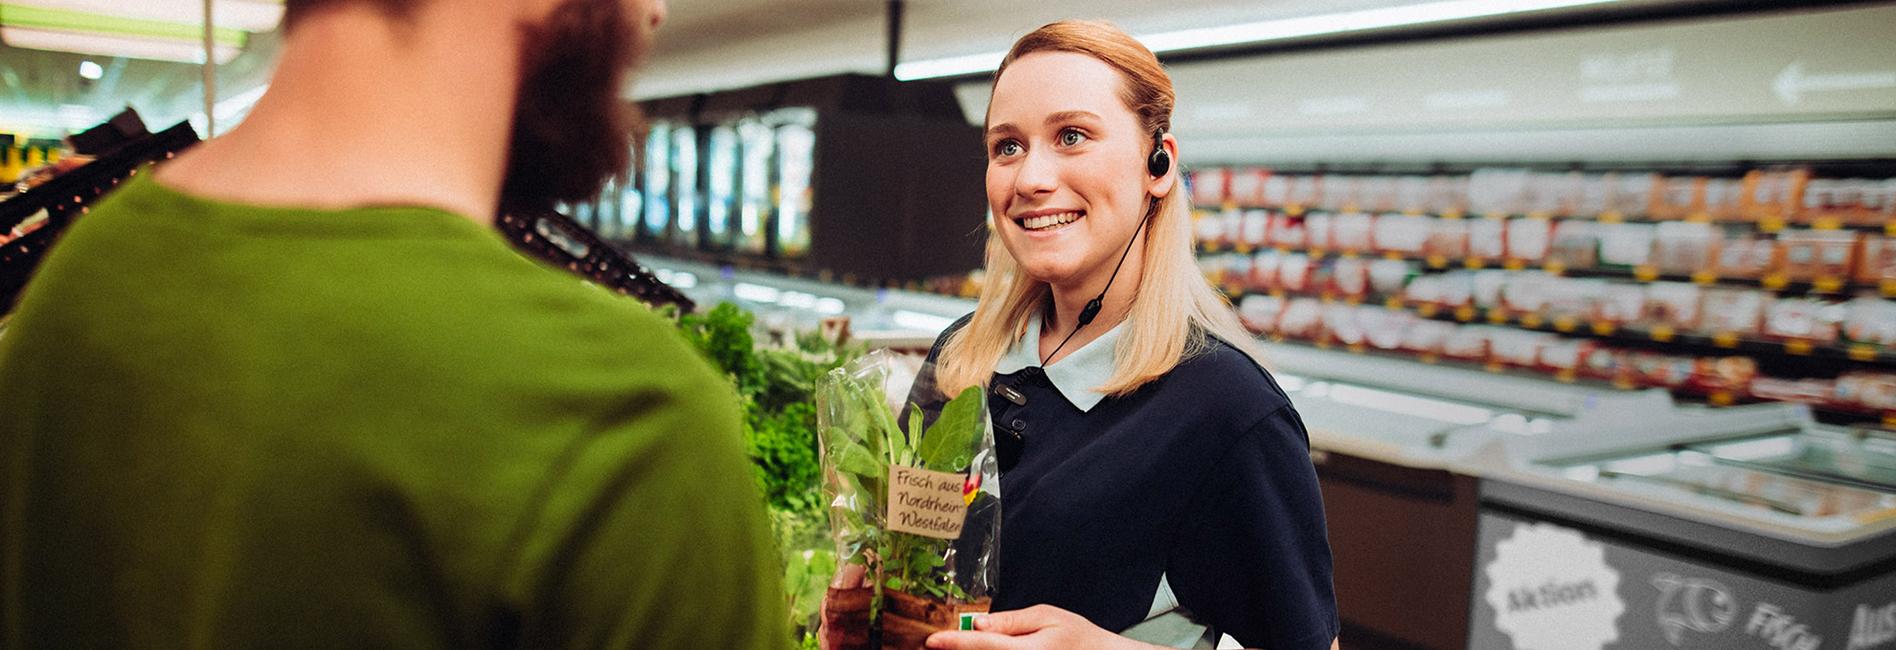 Ausbildung zum Verkäufer und Kaufmann im Einzelhandel (m/w/d)